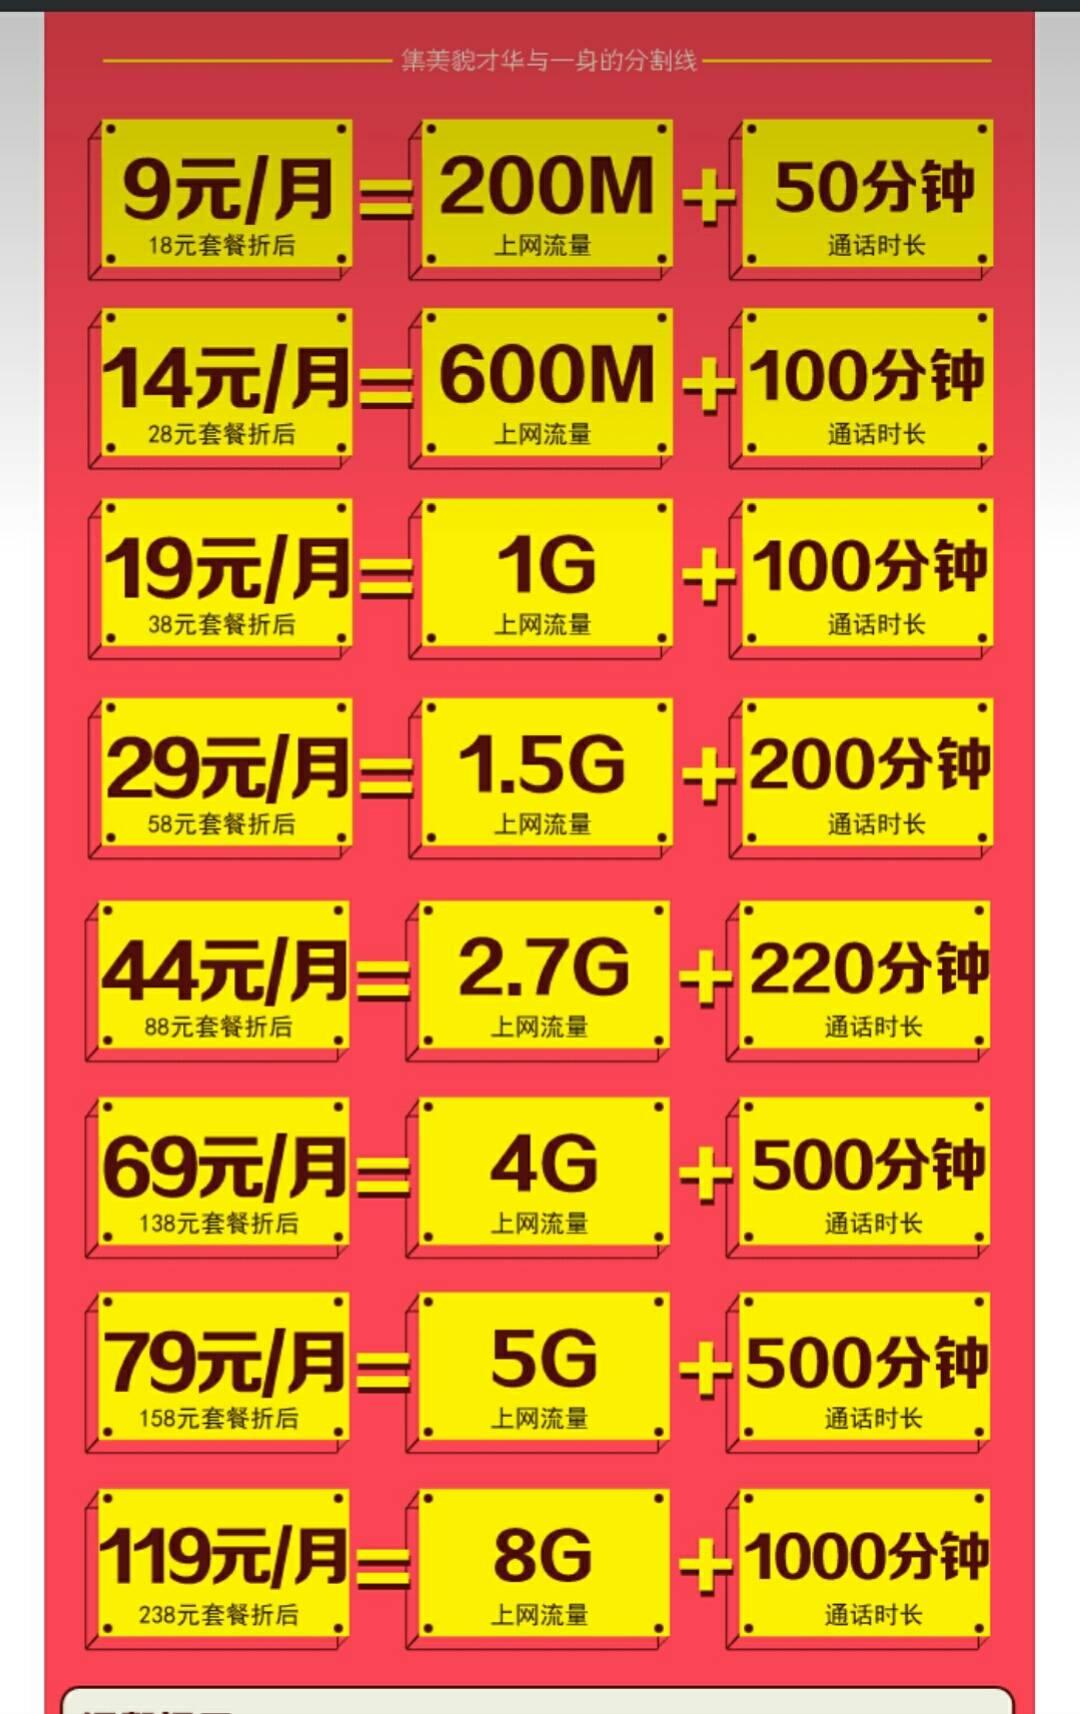 """【哈尔滨移动】4G套餐五折购低至九元!盛惠不停歇!洪荒之""""力""""等你狂欢!).jpg"""